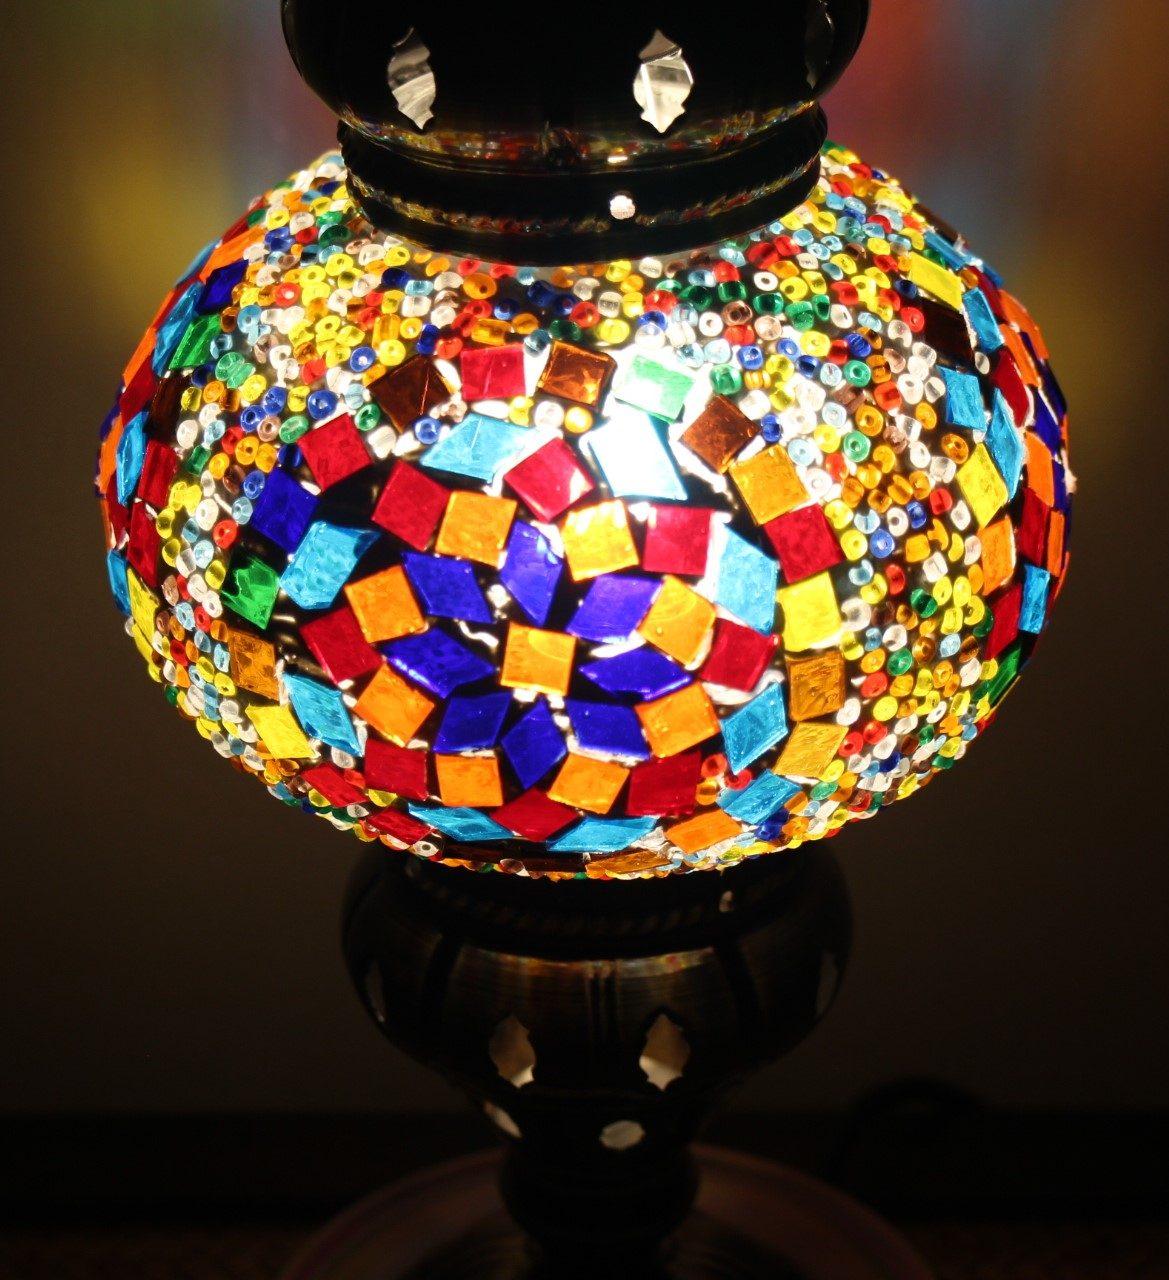 Turkish Mosaic Table Lamp Medium Orange Glow - Nirvana